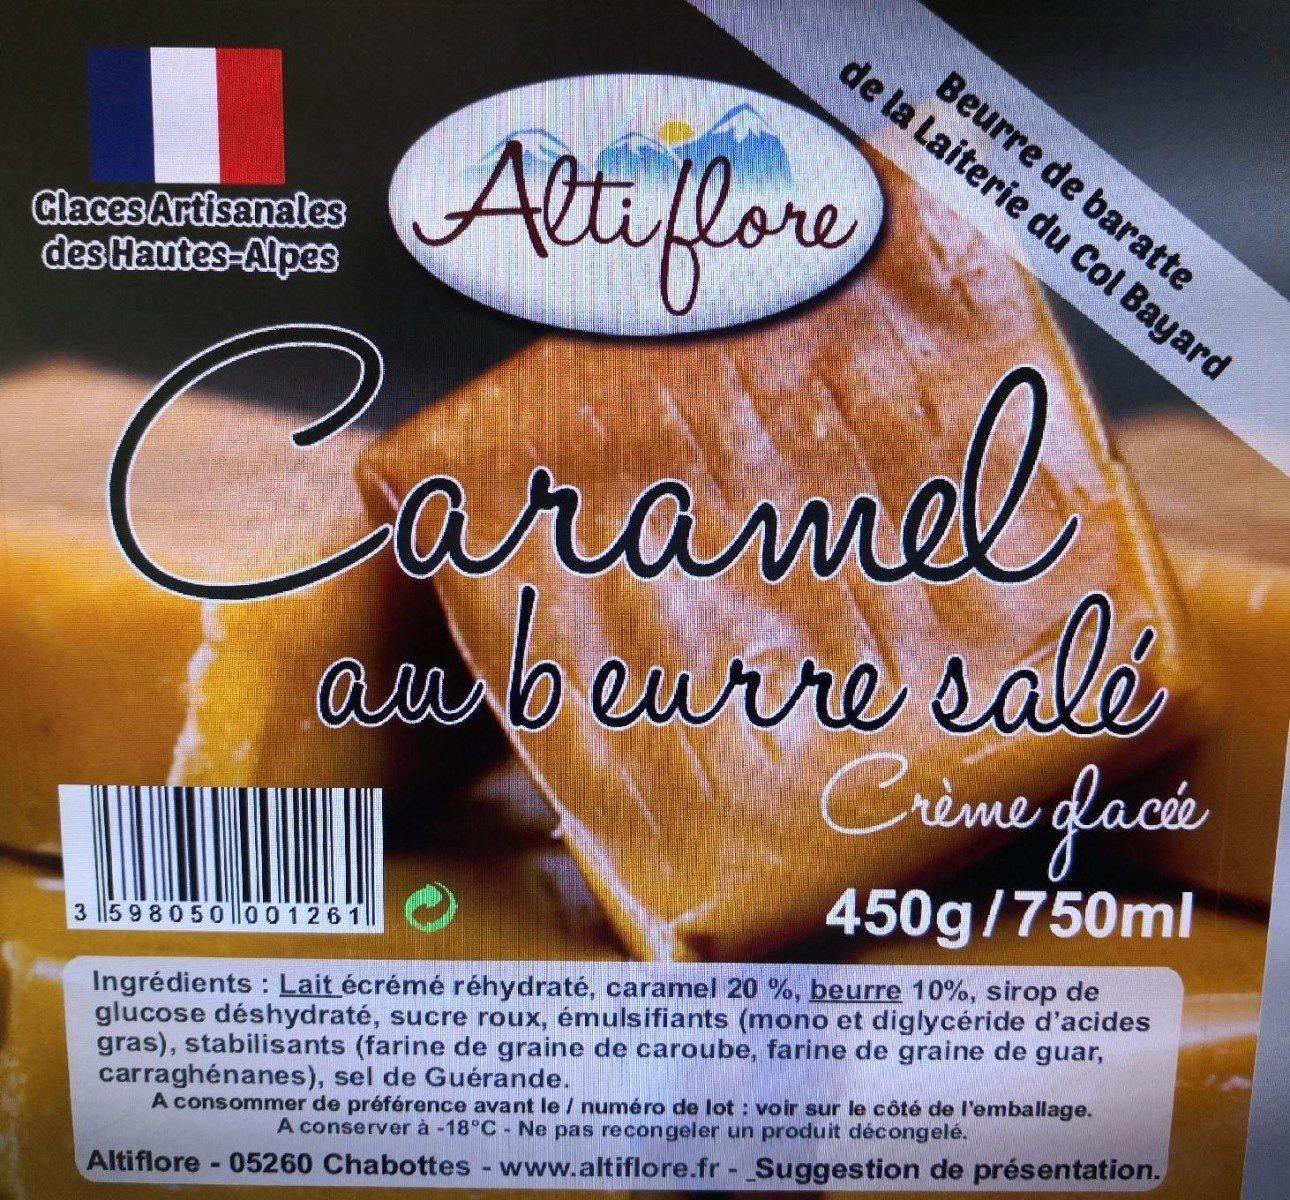 Crème glacée caramel au beurre salé - Product - fr